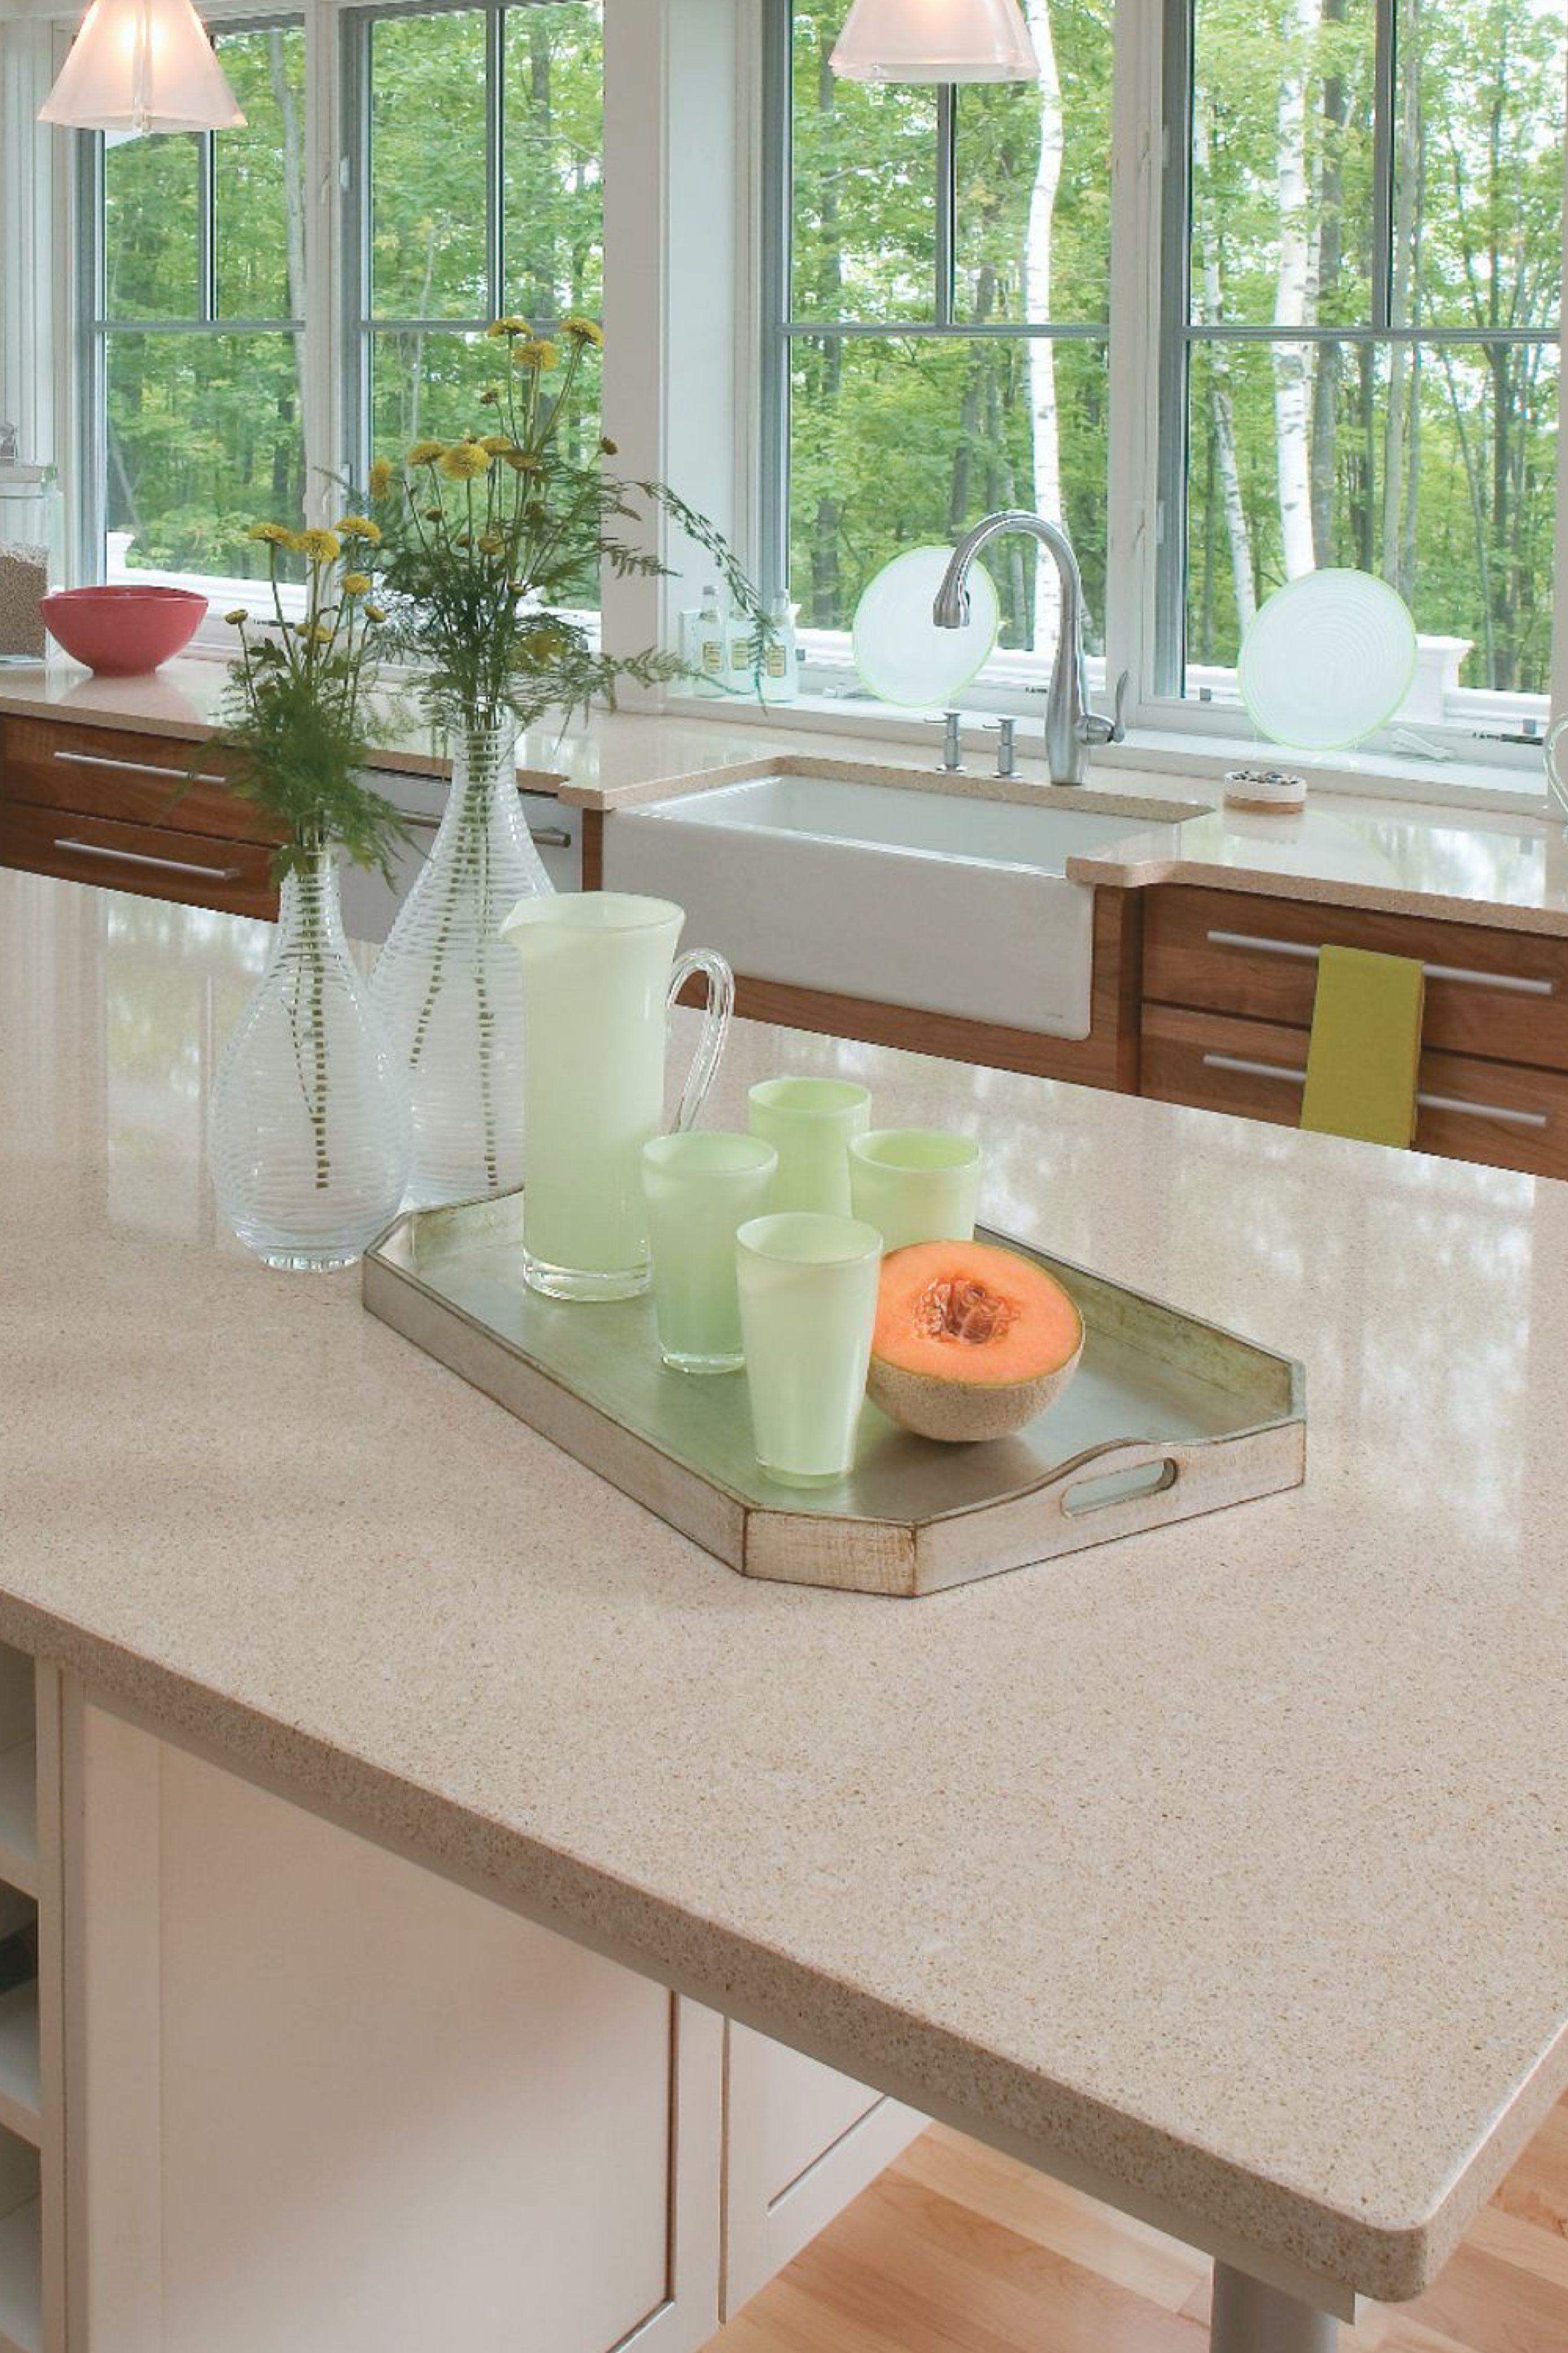 Cardiff Cream Cambria Quartz Countertops Cost Reviews Cambria Quartz Countertops Marble Countertops Kitchen Kitchen Island Countertop